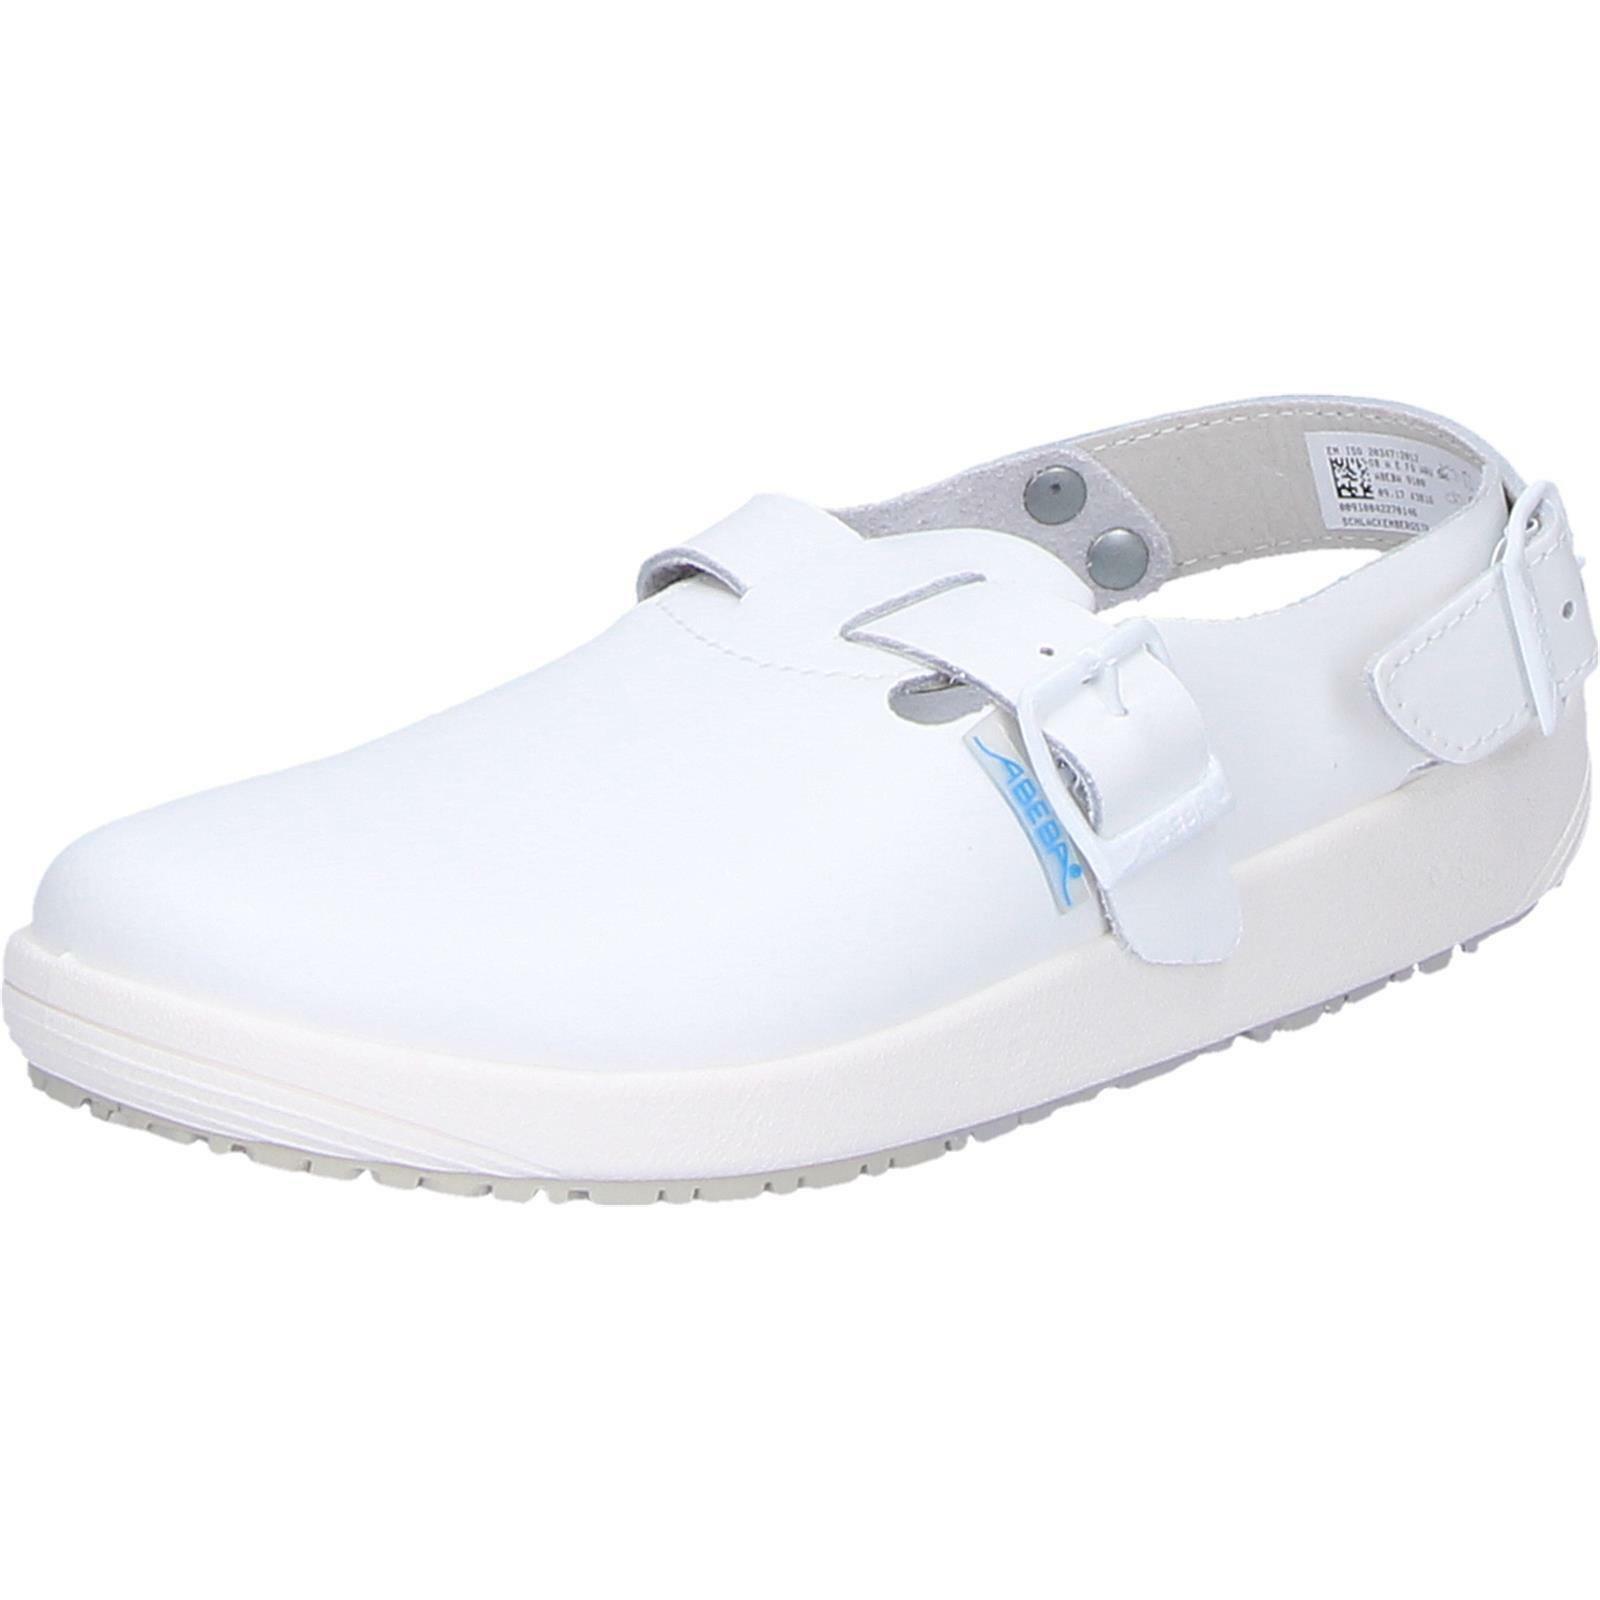 Abeba Schuhe Berufsschuhe Arbeitsschuhe Glattleder weiß Gr.44